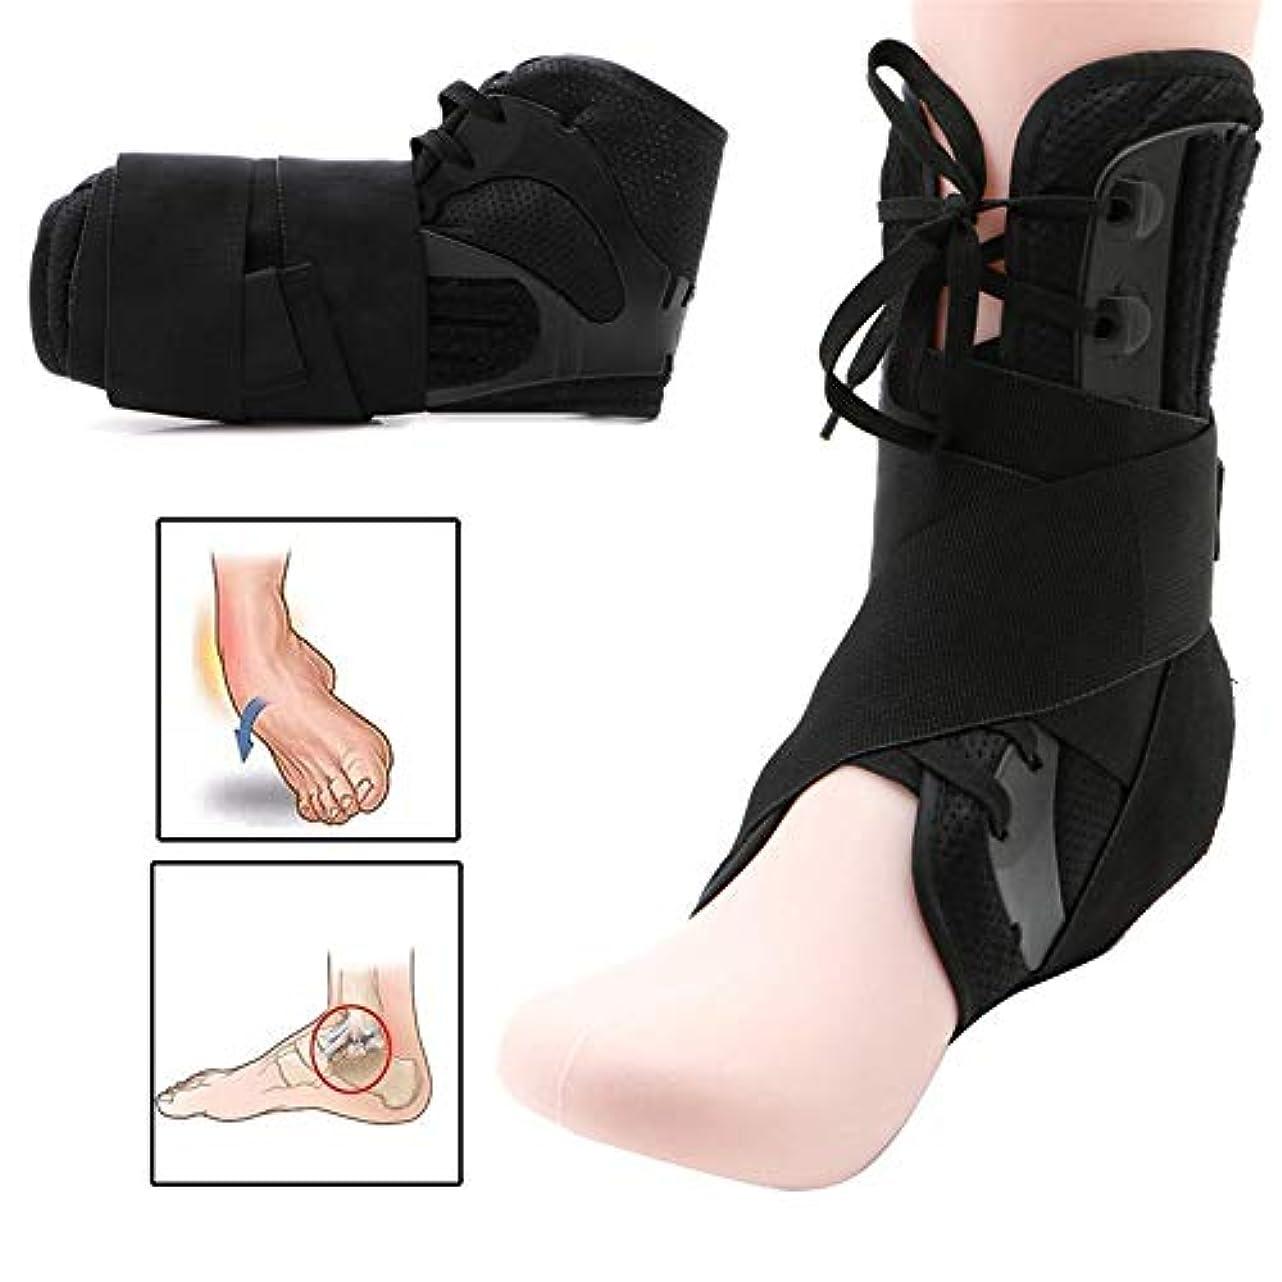 波紋慢性的悲惨な足首装具サポート、スポーツ調整可能な足首ストラップ、スポーツサポート調整可能な足装具安定装置足首プロテクター